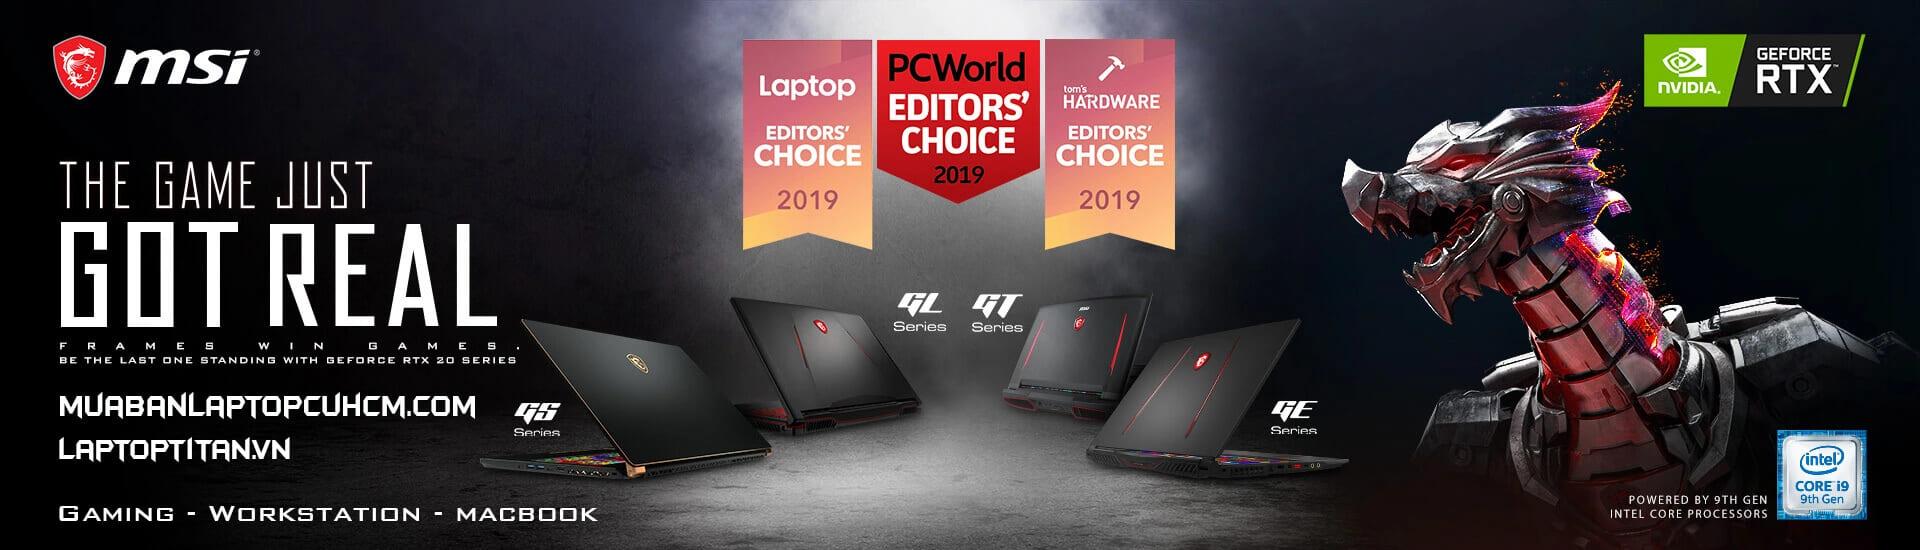 gaming laptop notebook banner